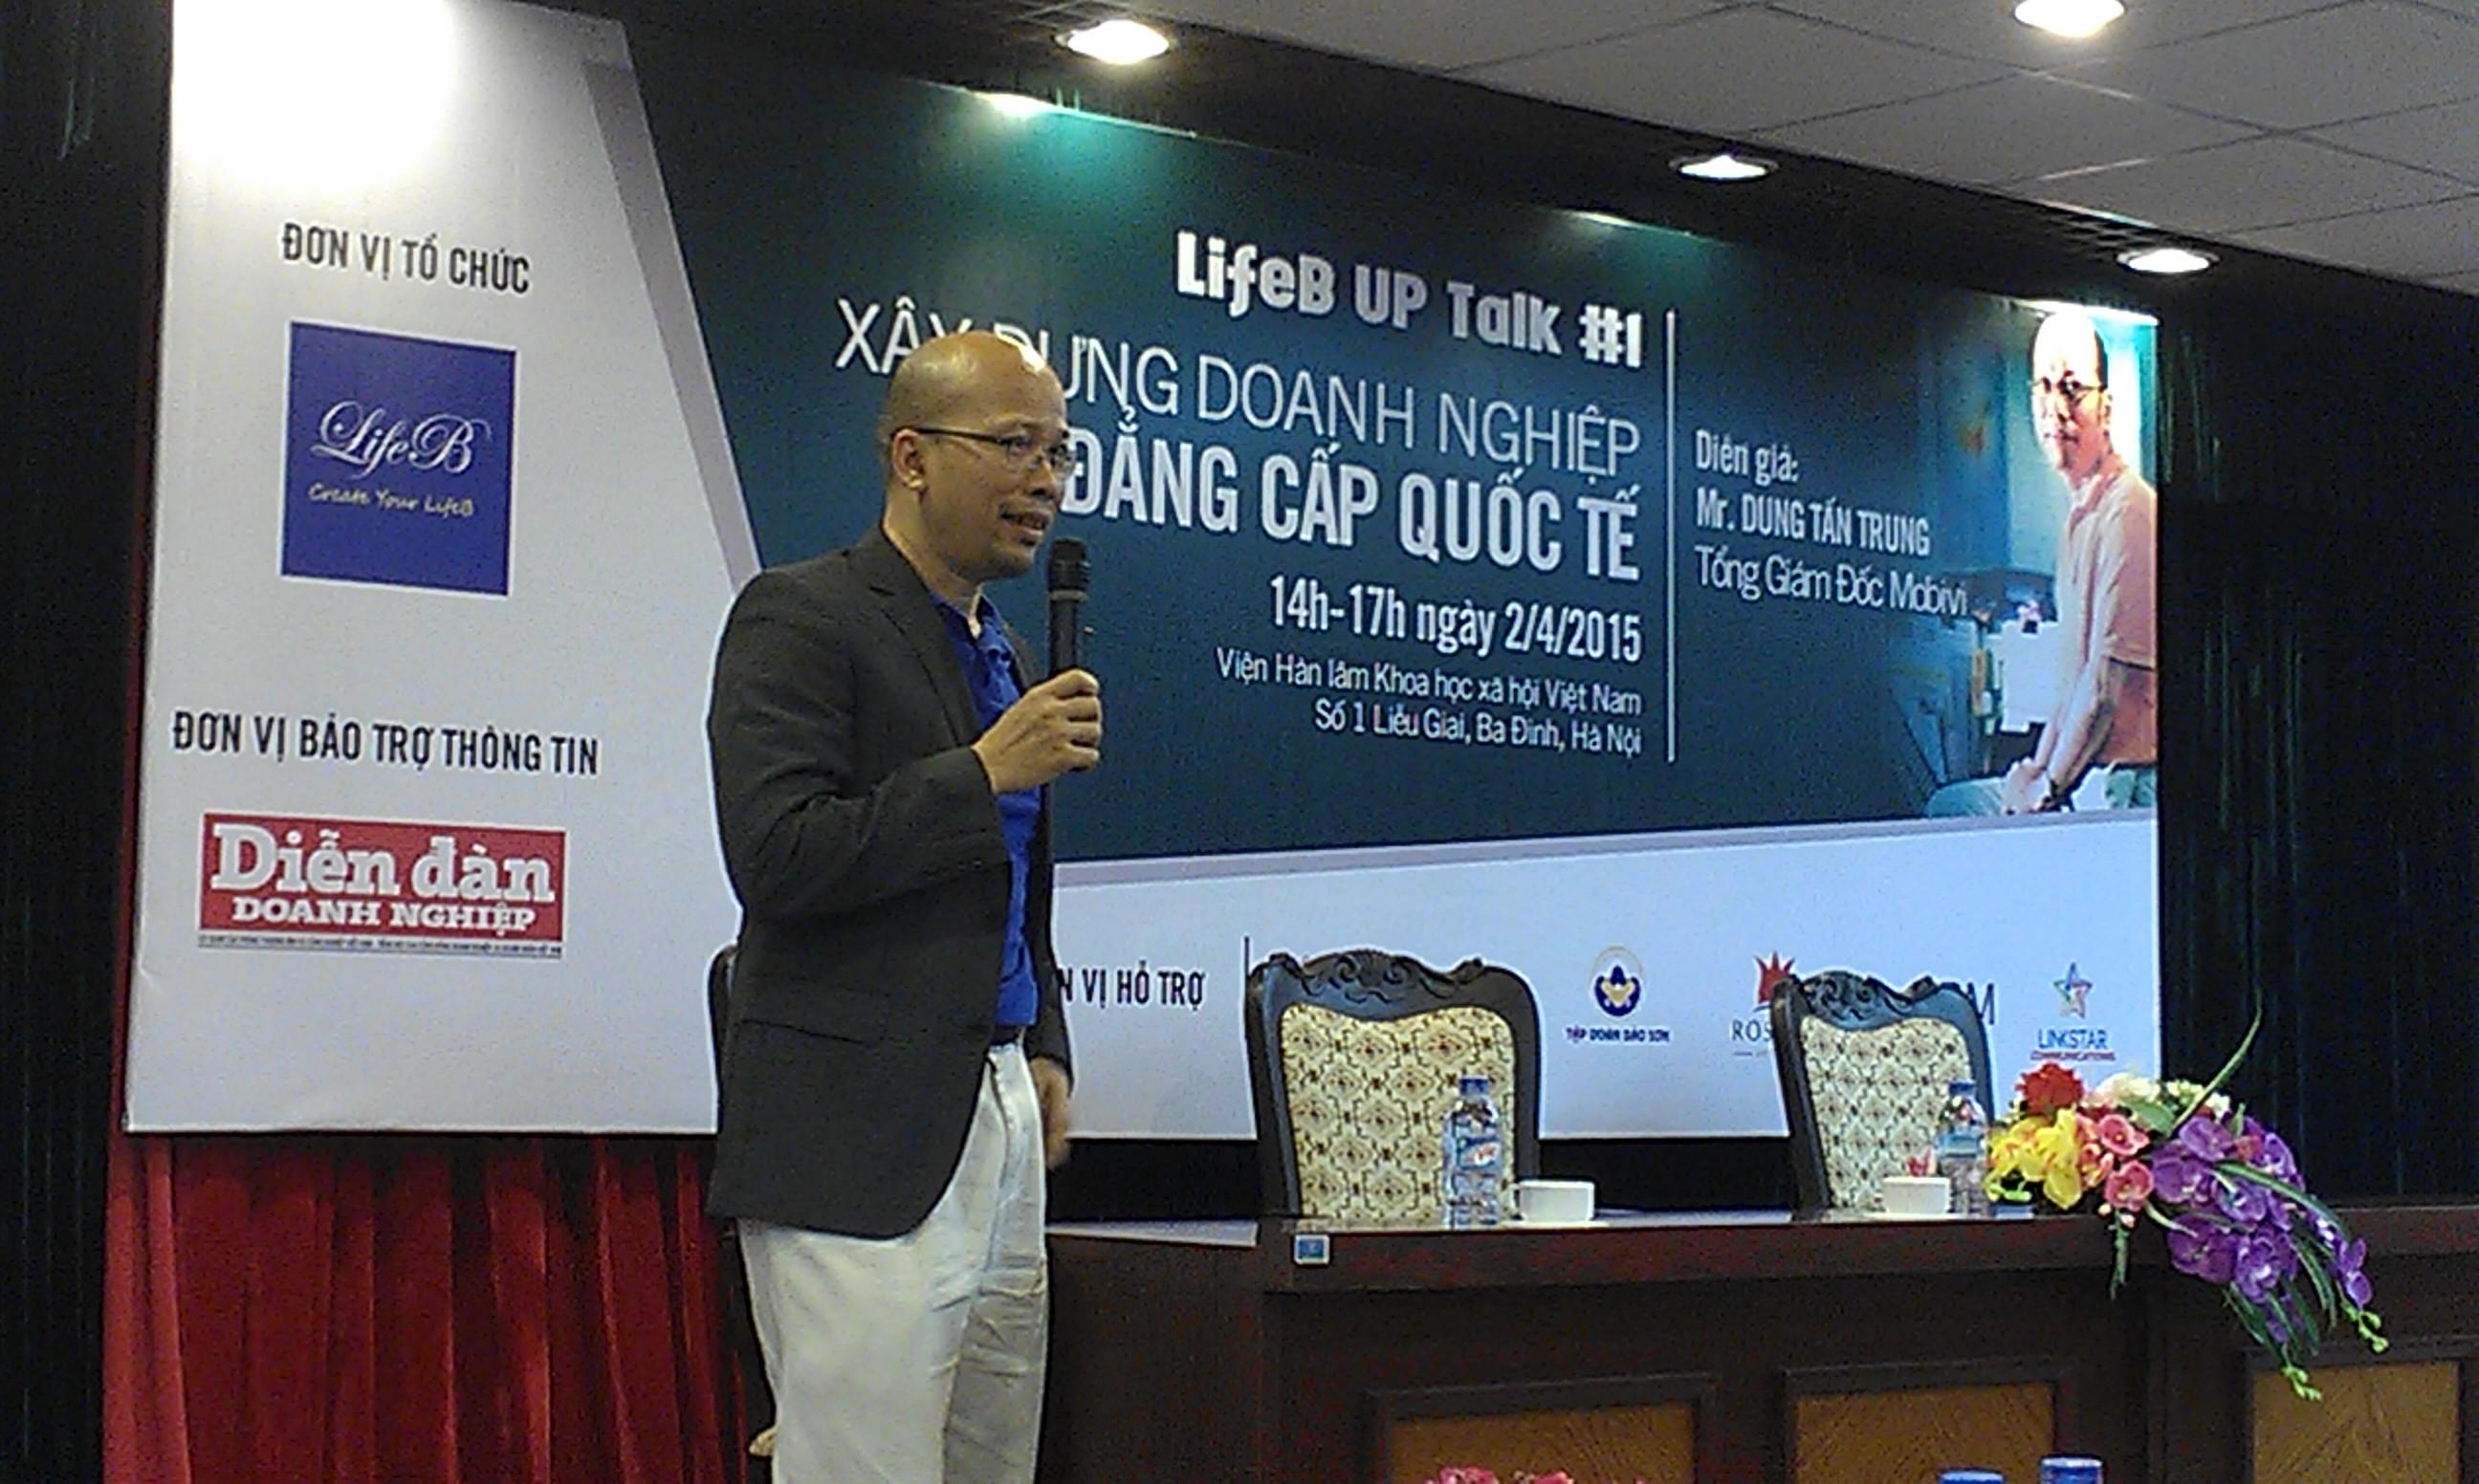 Ông Dung Tấn Trung chia sẻ kinh nghiệm trong buổi gặp mặt ở Hà Nội